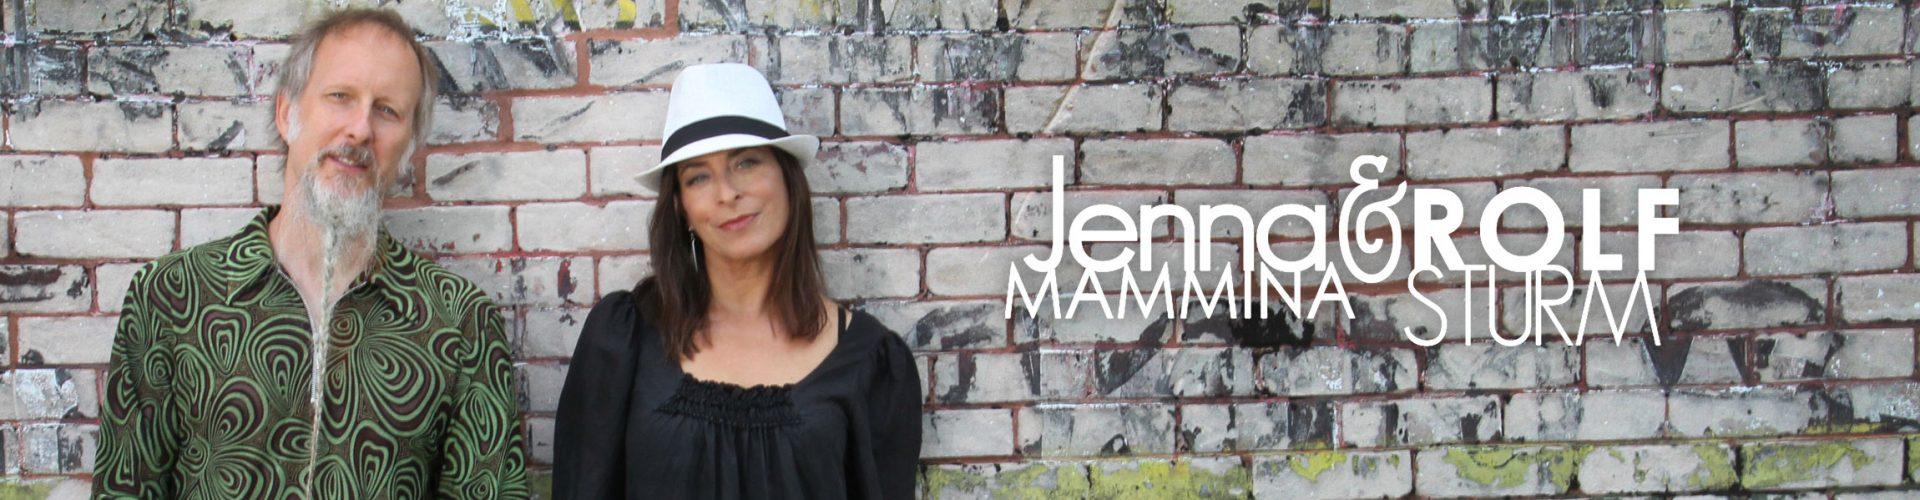 Jenna Mammina and Rolf Sturm